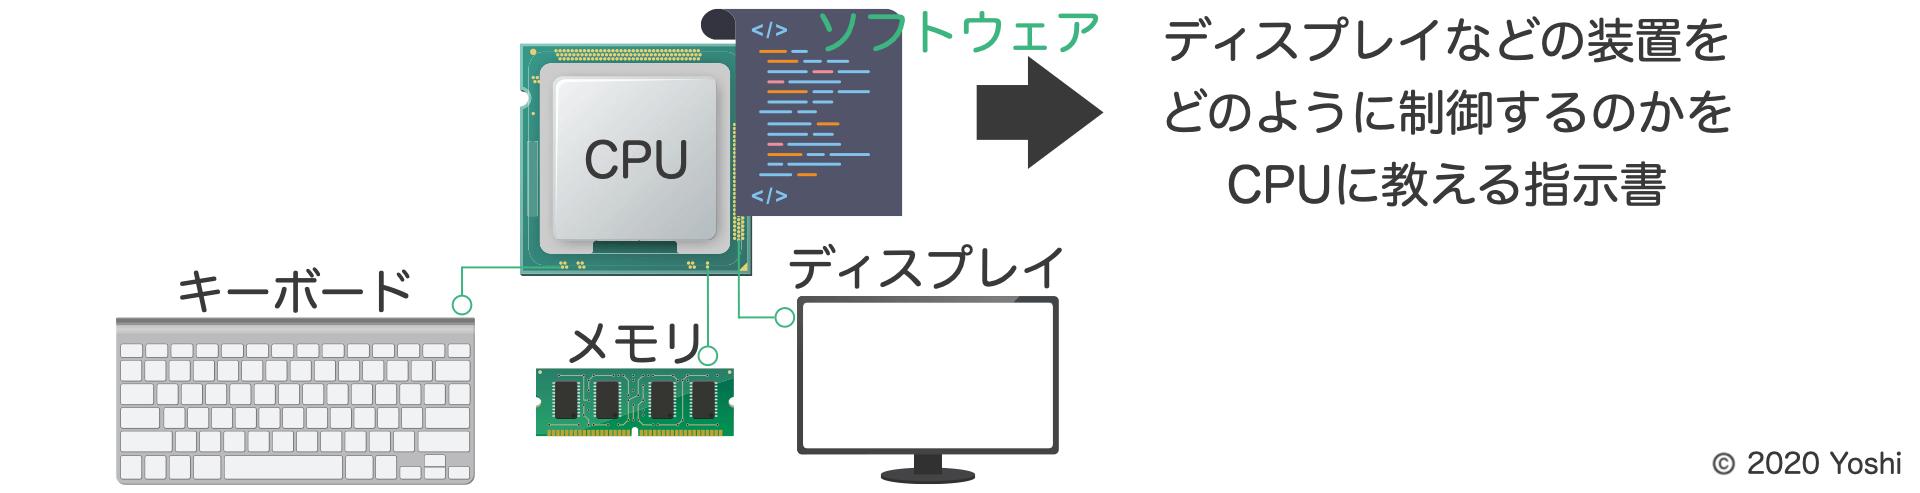 ソフトウェアはハードウェアの制御の仕方をCPUへ教える指示書